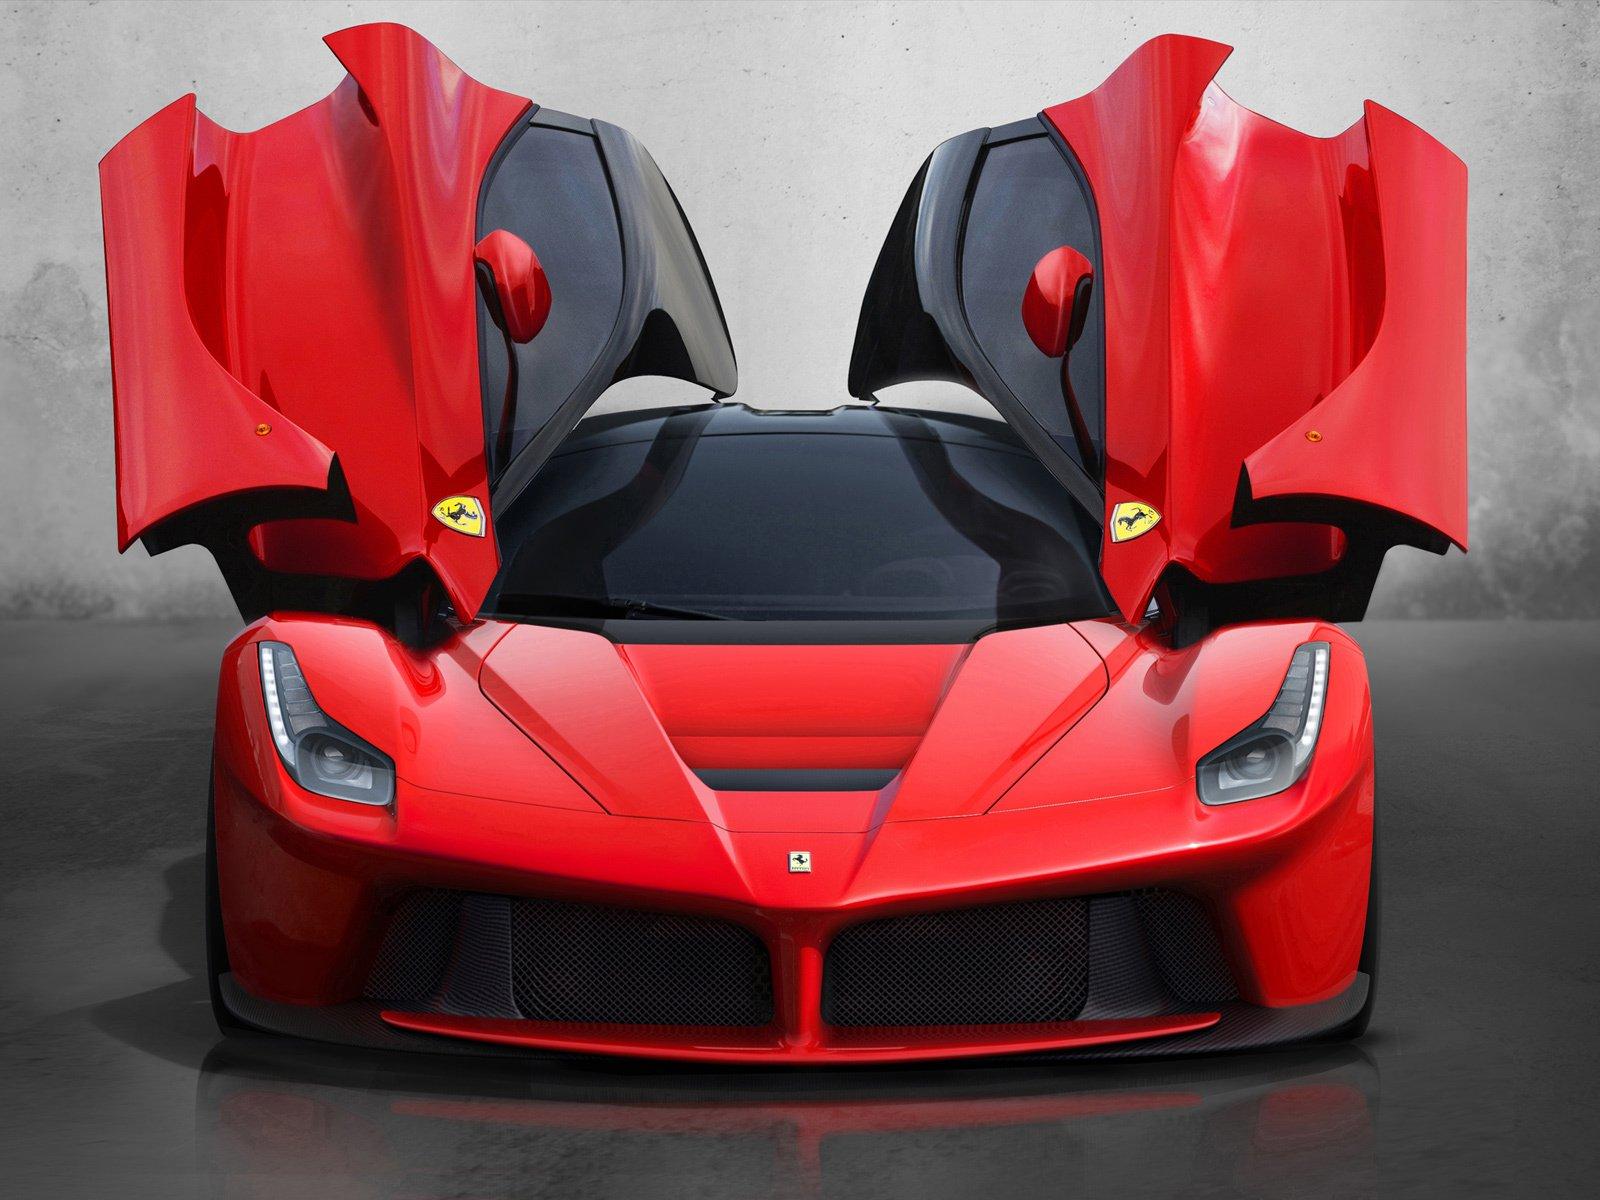 Один Ferrari приносит почти в 1 000 раз больше прибыли, чем Nissan